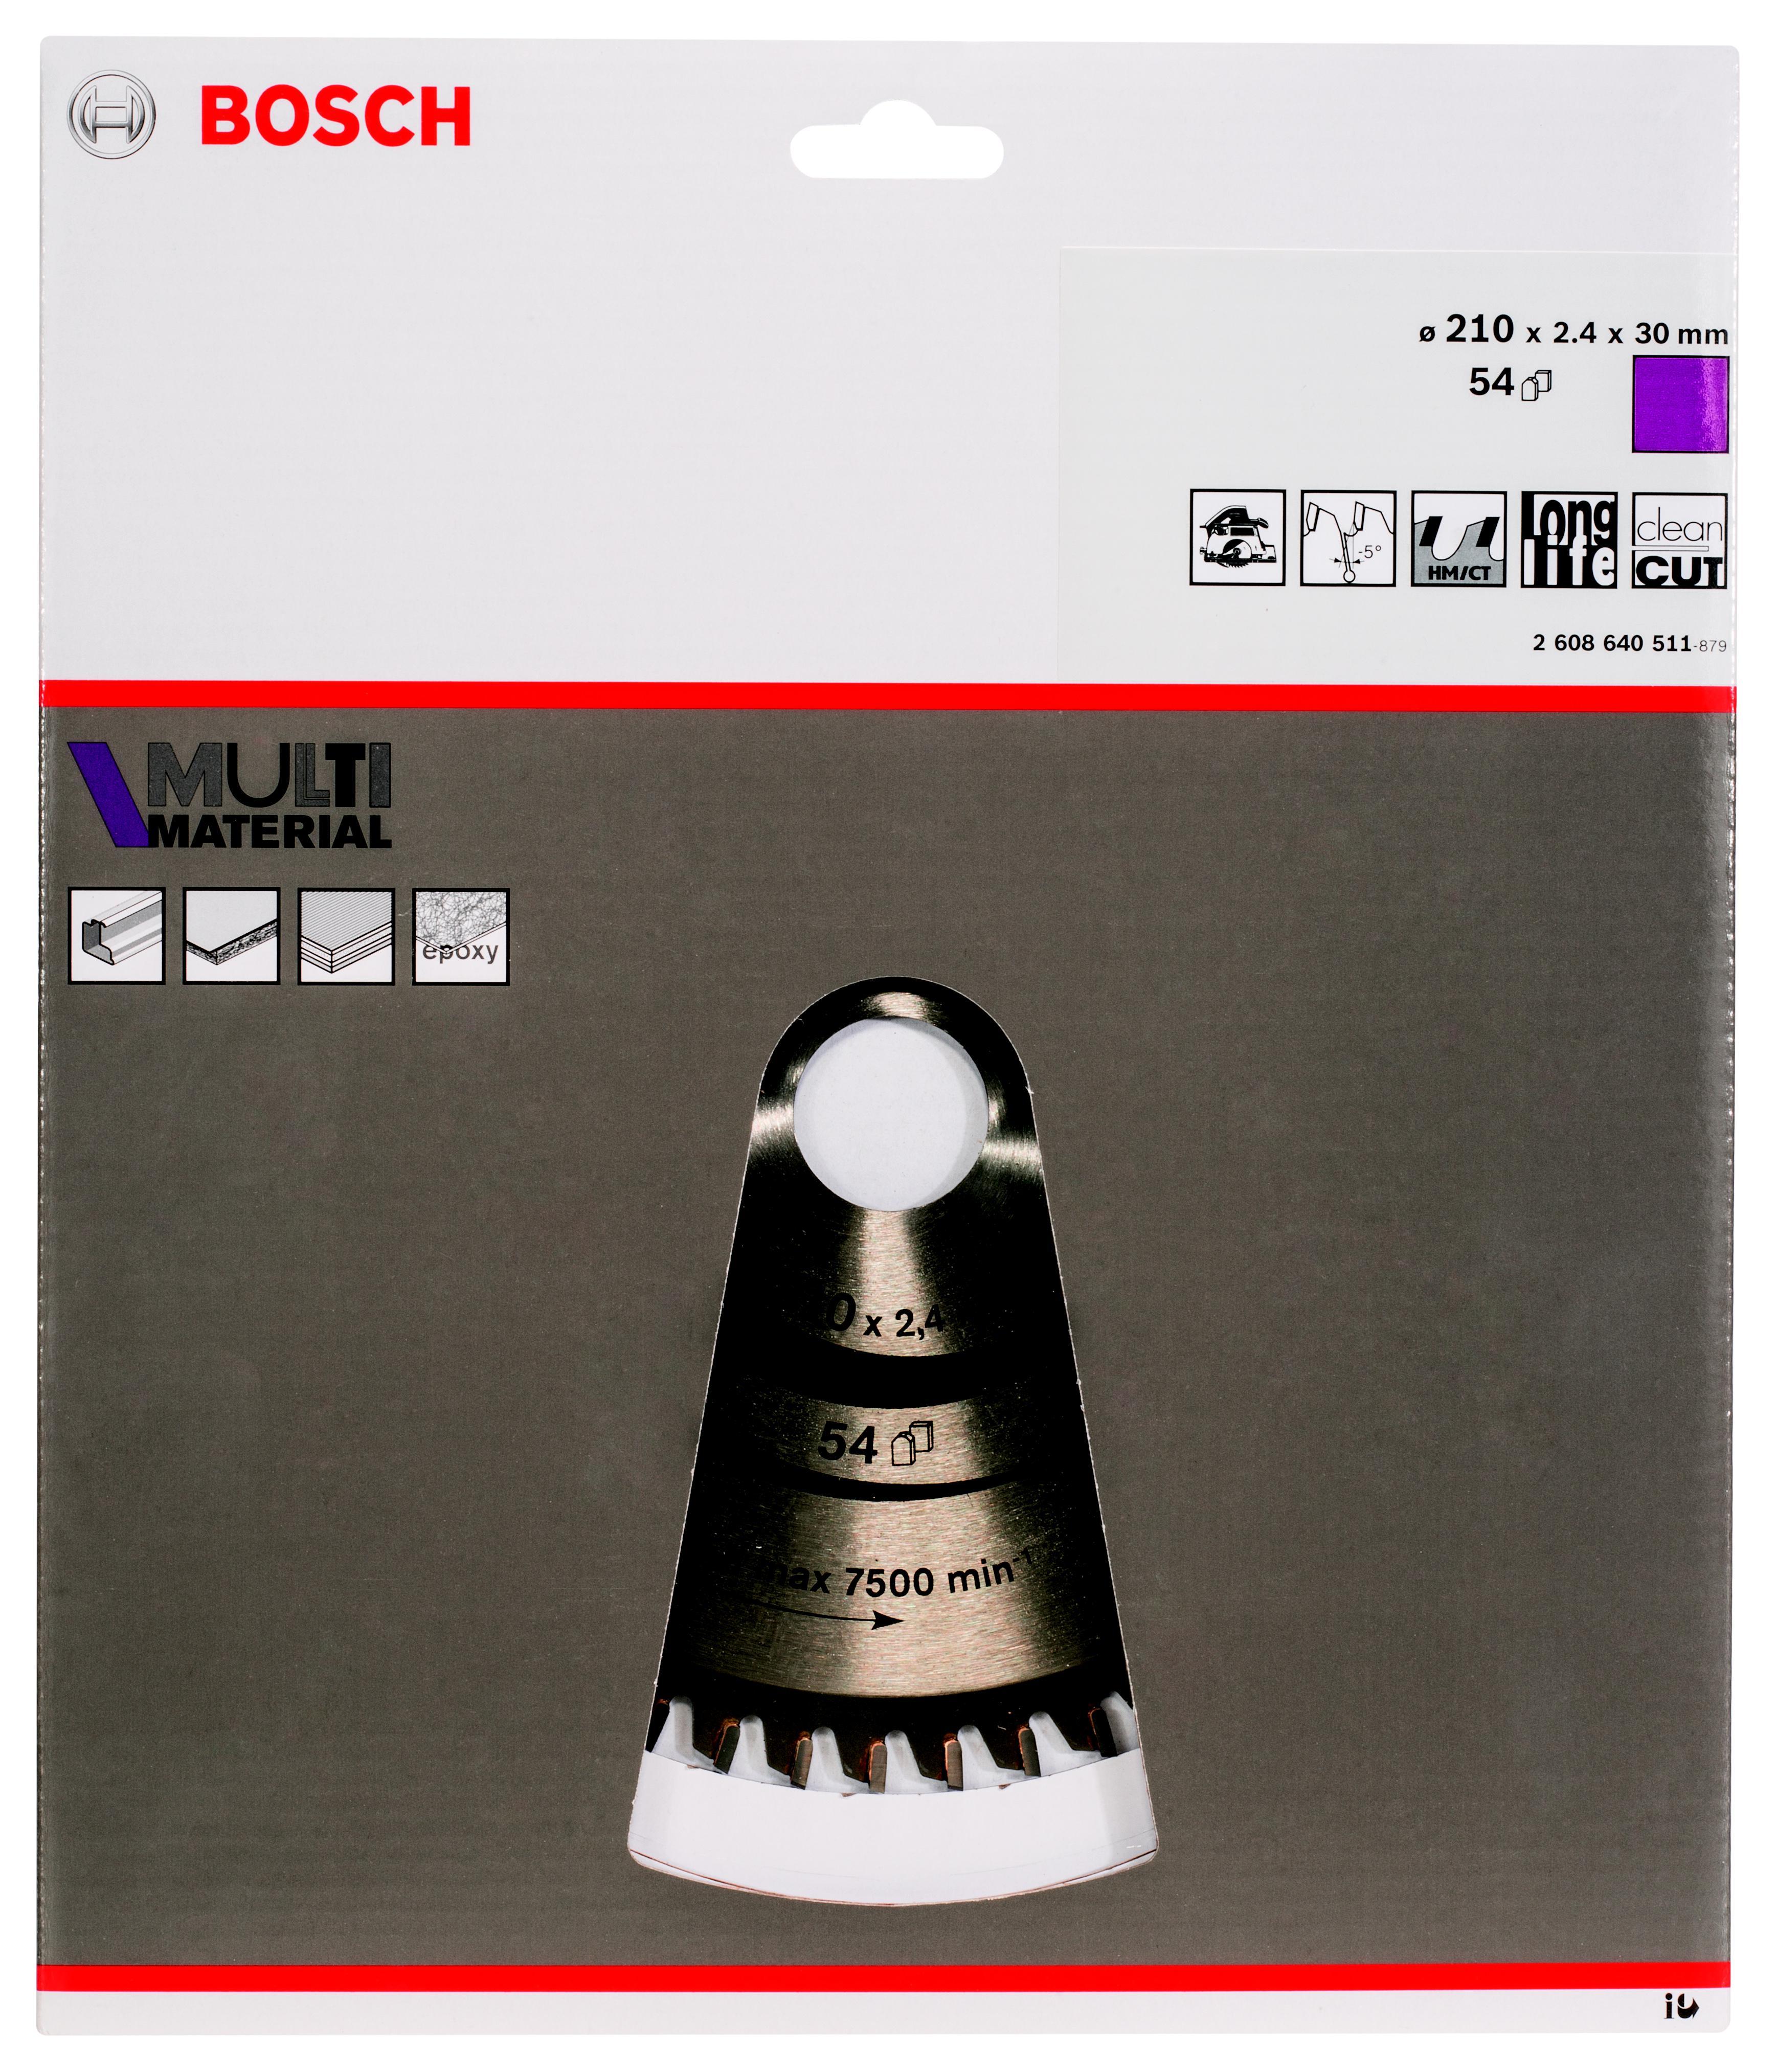 Диск пильный твердосплавный Bosch Multi material 210x54x30 (2.608.640.511)